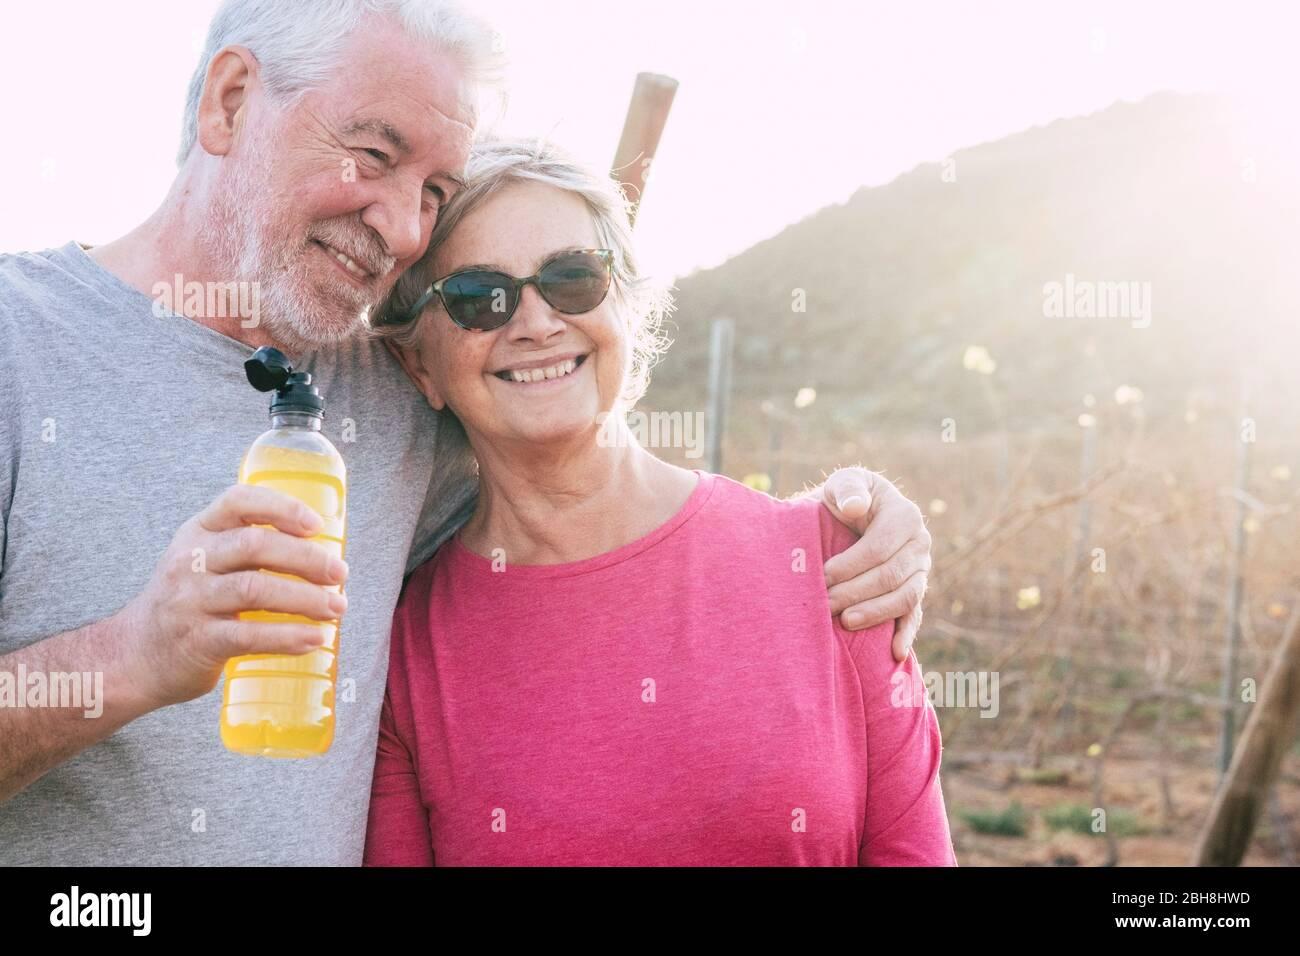 Felice allegro anziano sorriso di coppia e godere insieme per sempre la vita in campagna all'aperto lato con il sole in retroilluminazione dopo una sessione di fitness sana Foto Stock